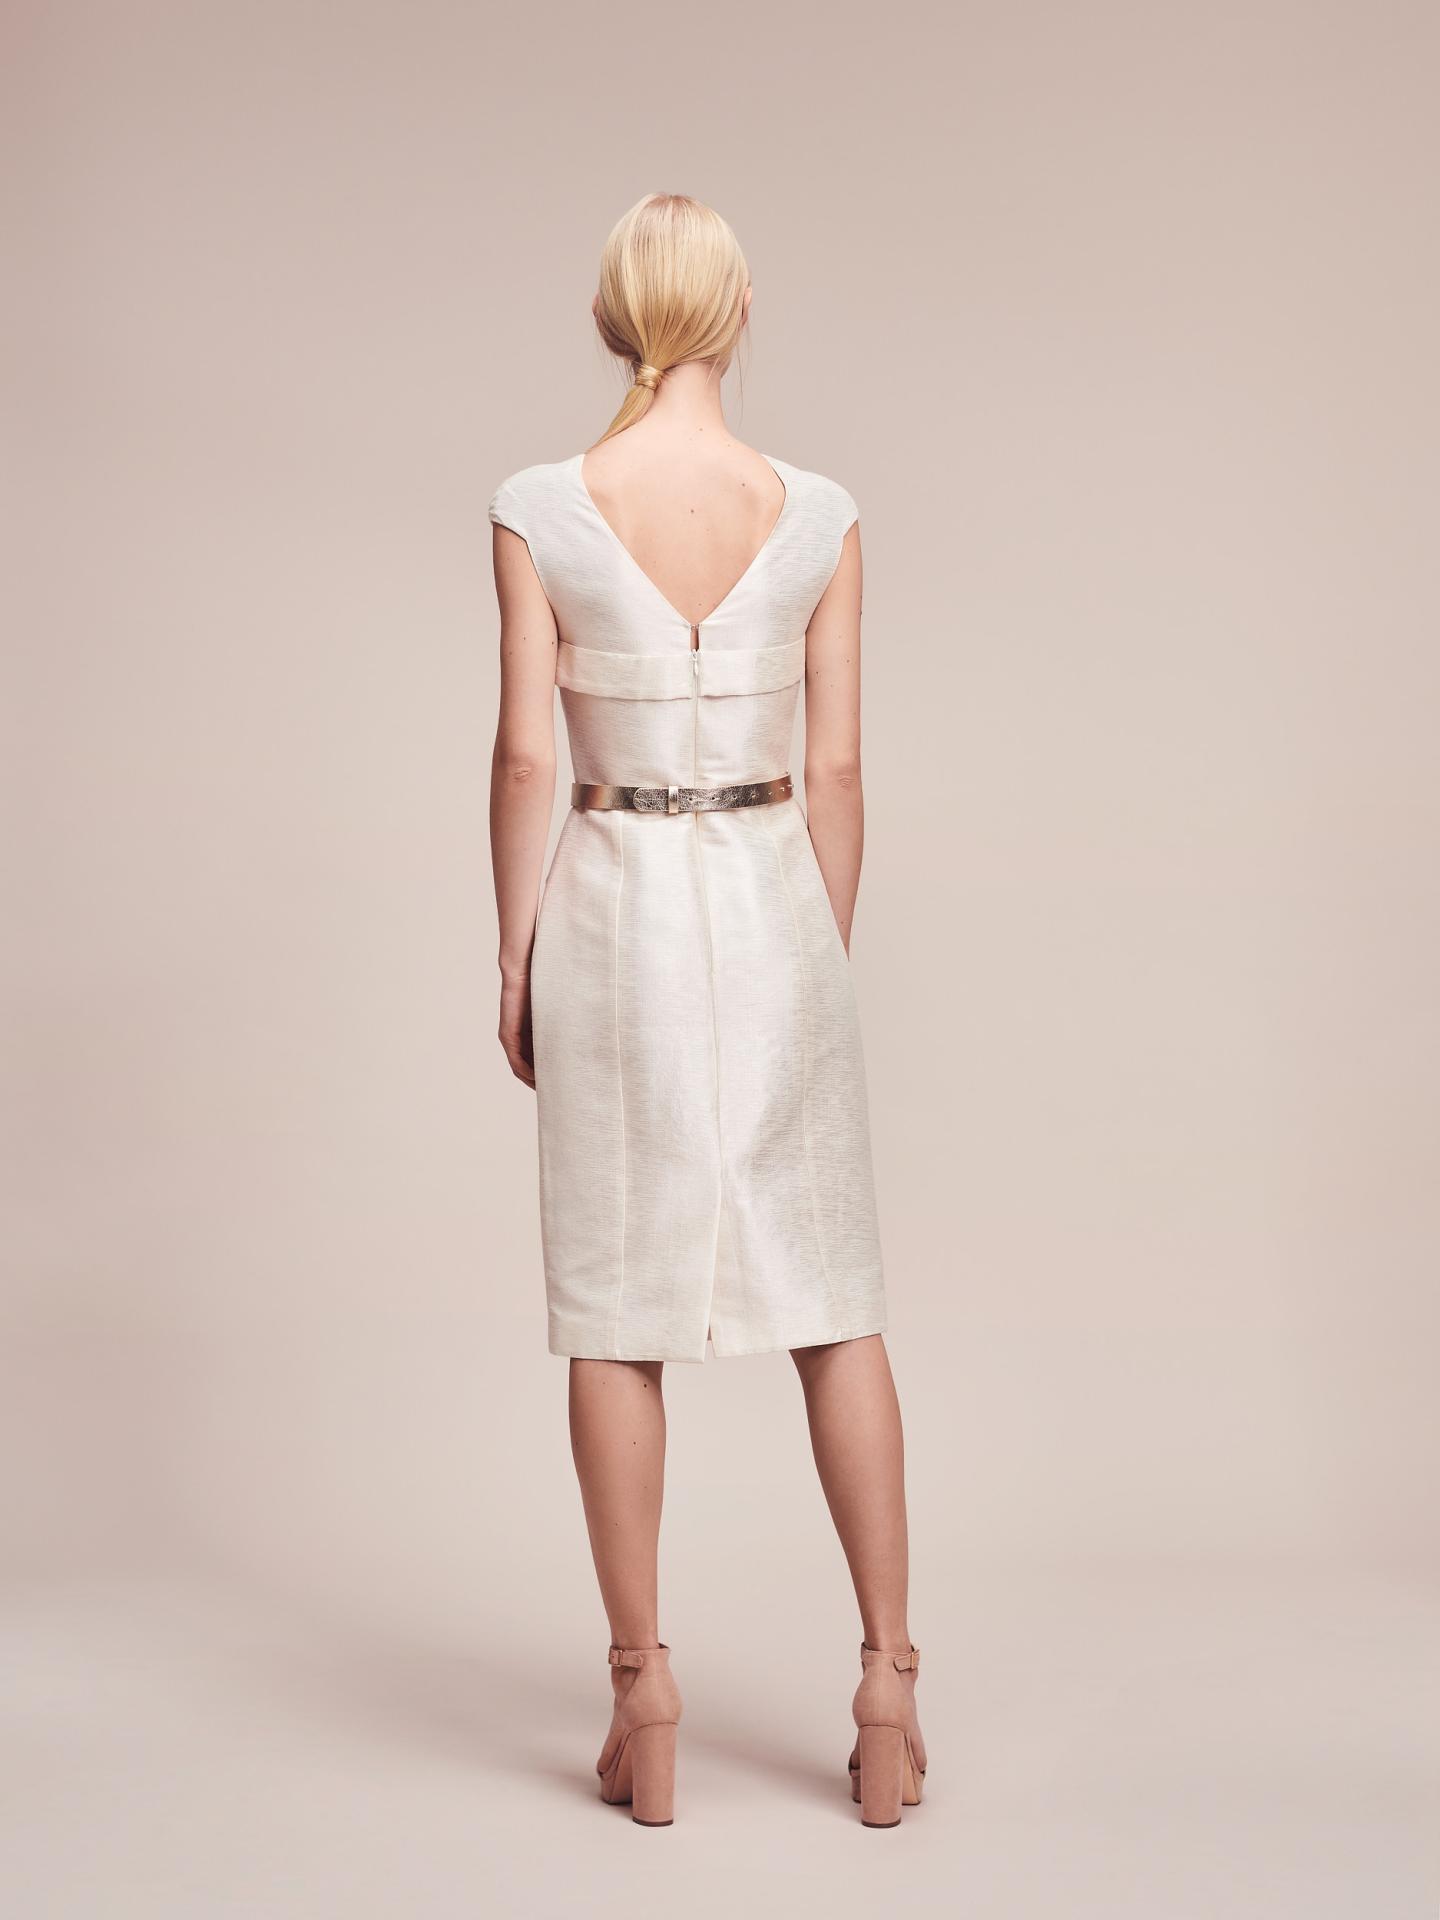 Short Silk Bridal Dress in Champagne by Magdalena Mayrock